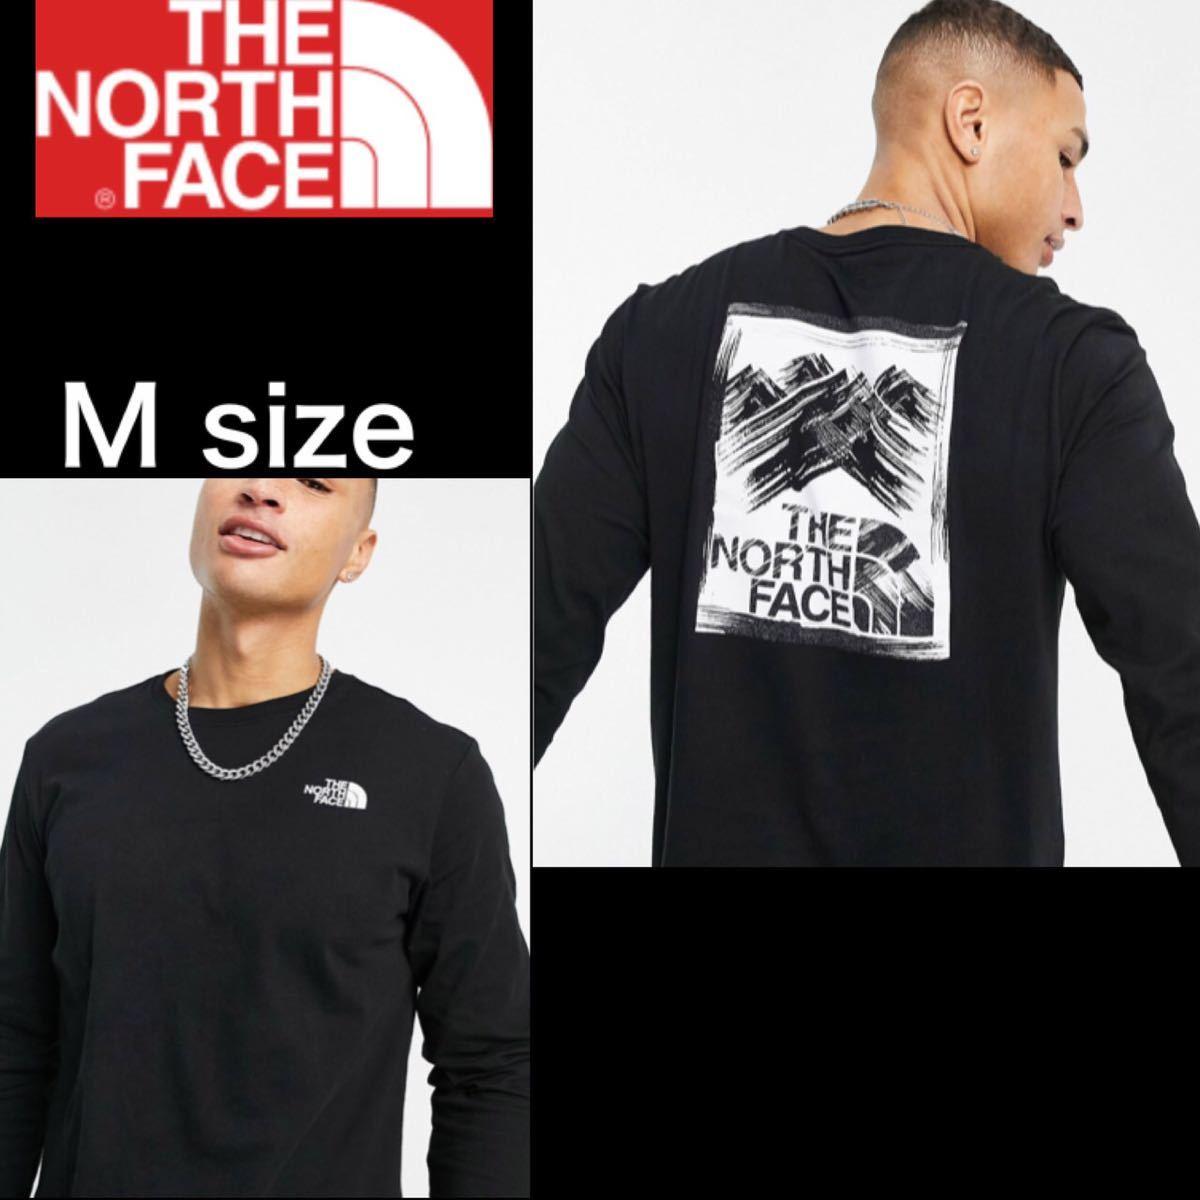 ザ ノースフェイス Tシャツ長袖 ロンT ストロークマウンテン 海外限定 M THE NORTH FACE 長袖Tシャツ